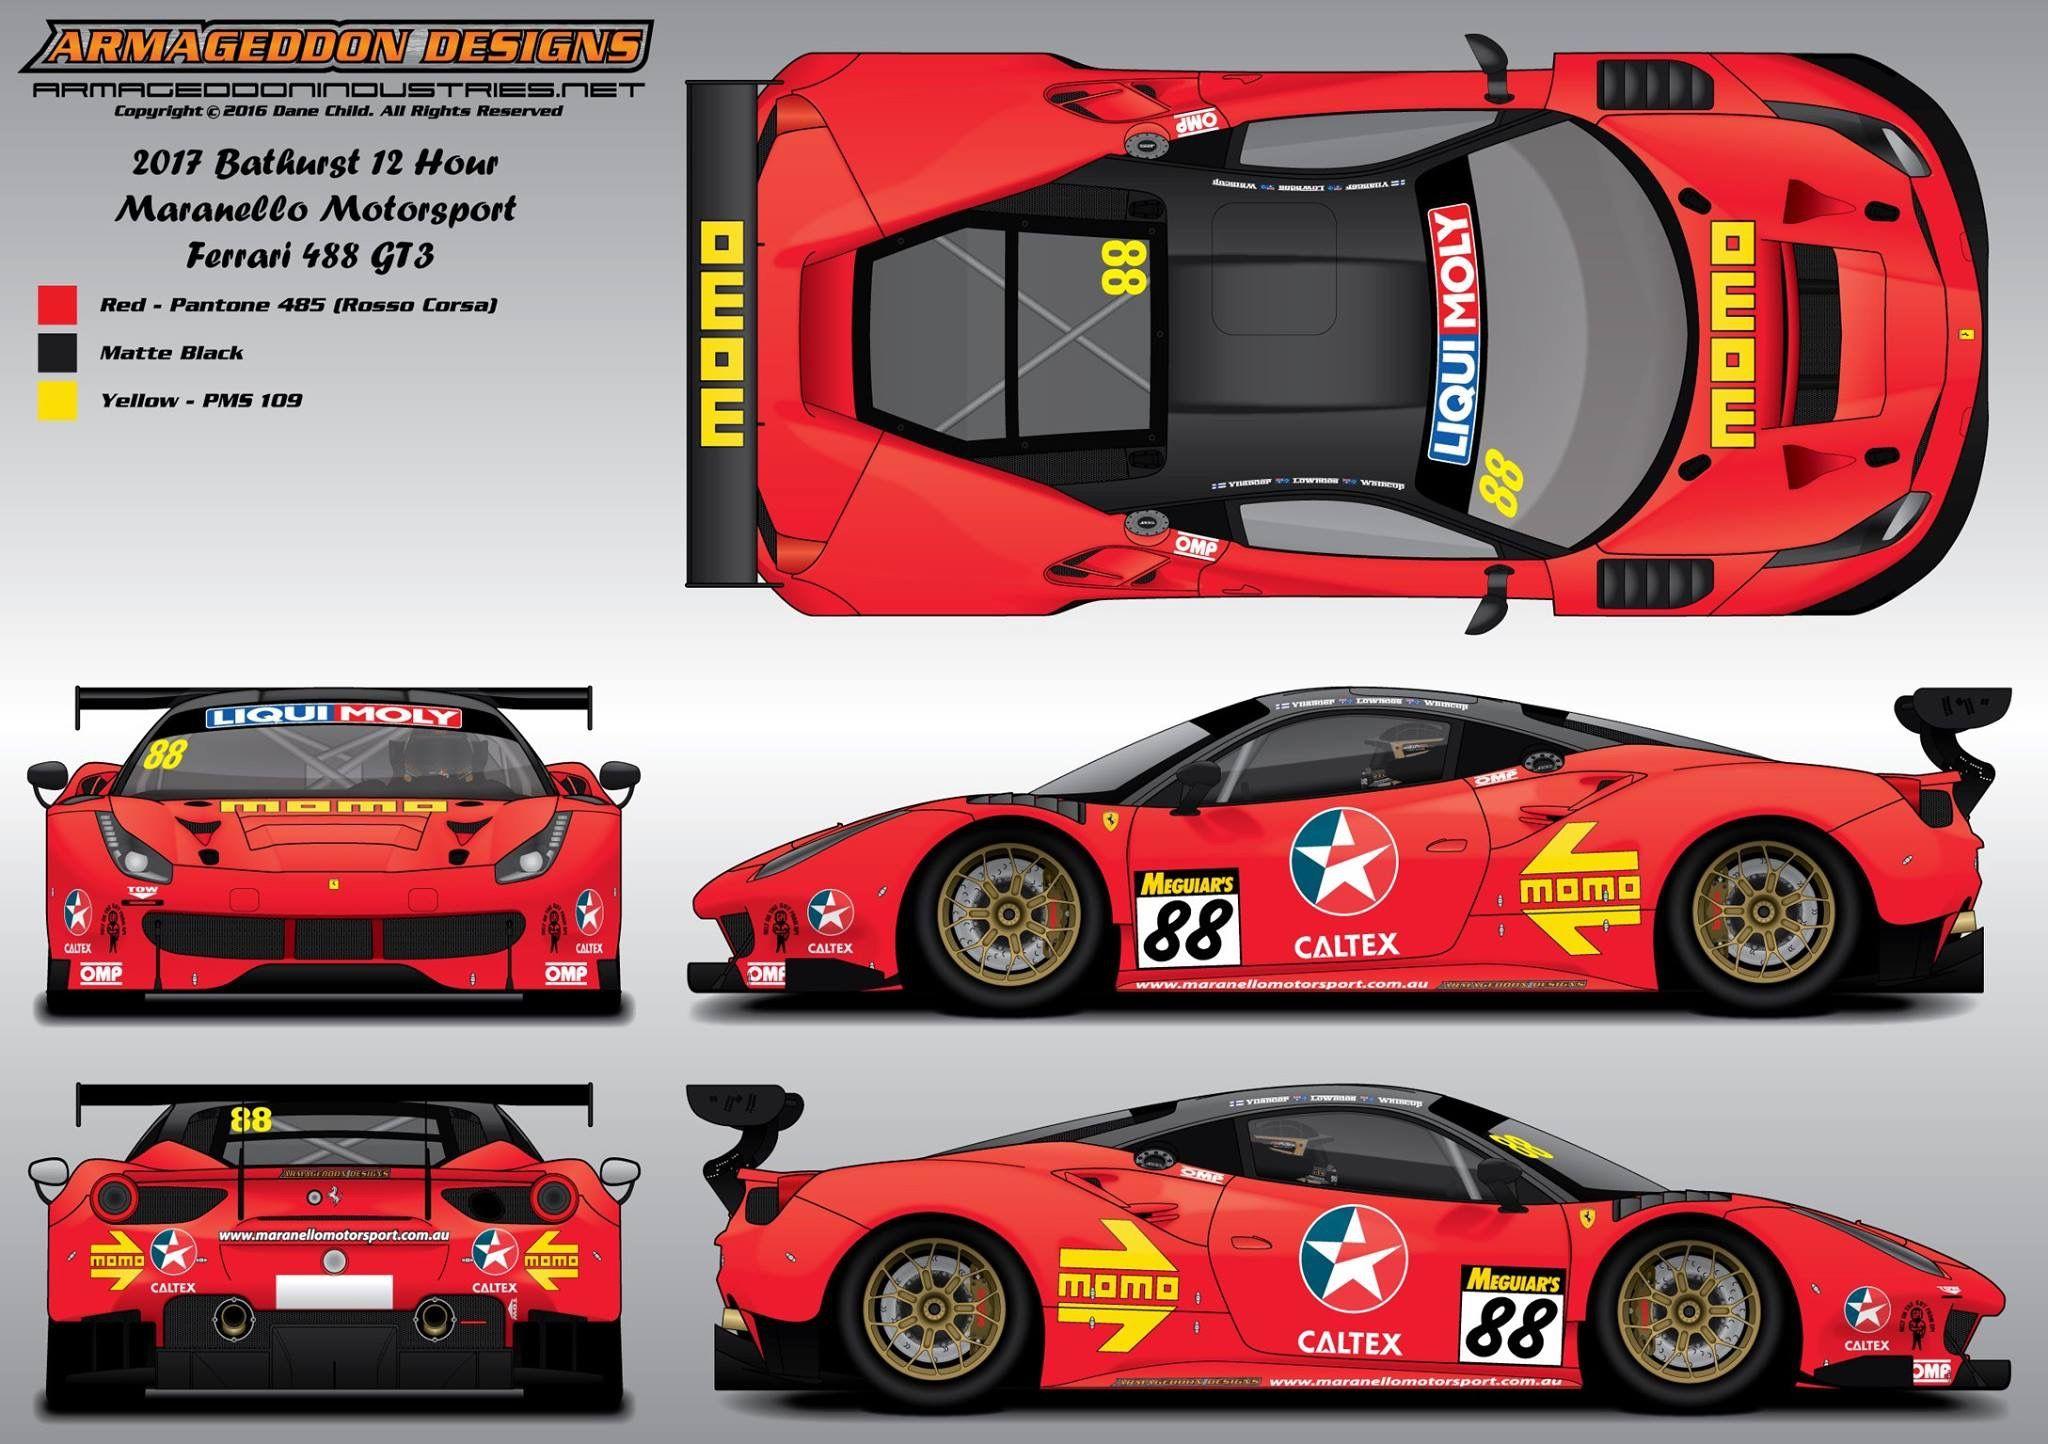 2017 Maranello Motorsport Ferrari 488 Gt3 Livery Design For The